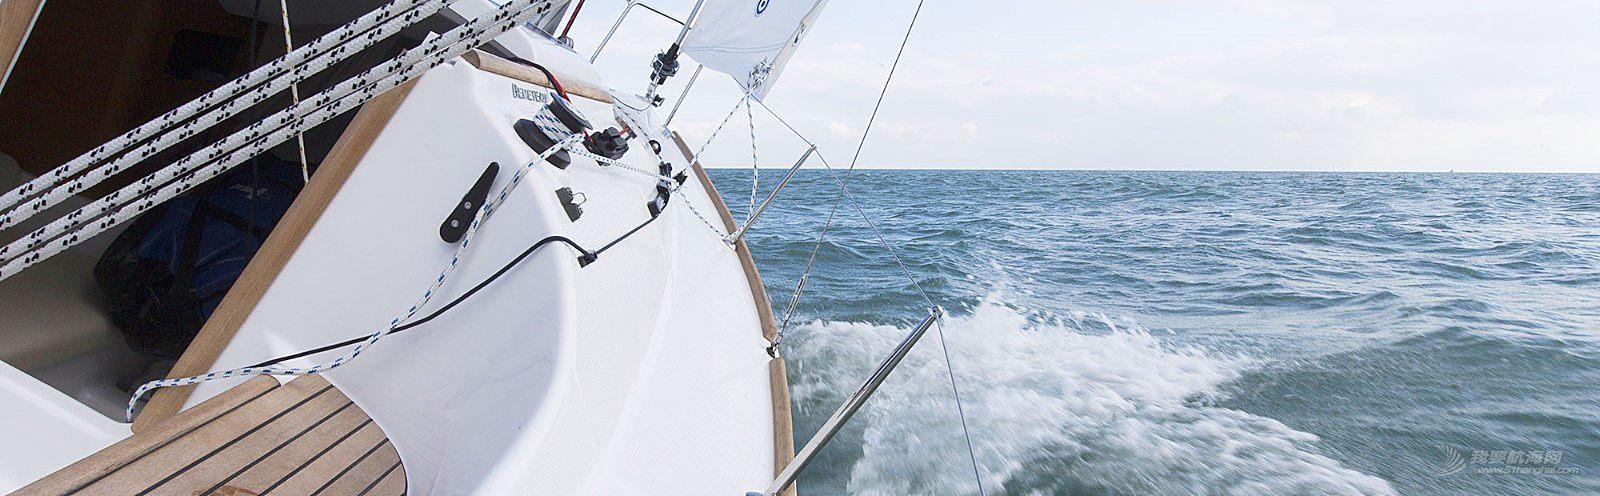 博纳多最强现船舰队重磅出击青岛游艇展,锋仕20闪耀北中国!